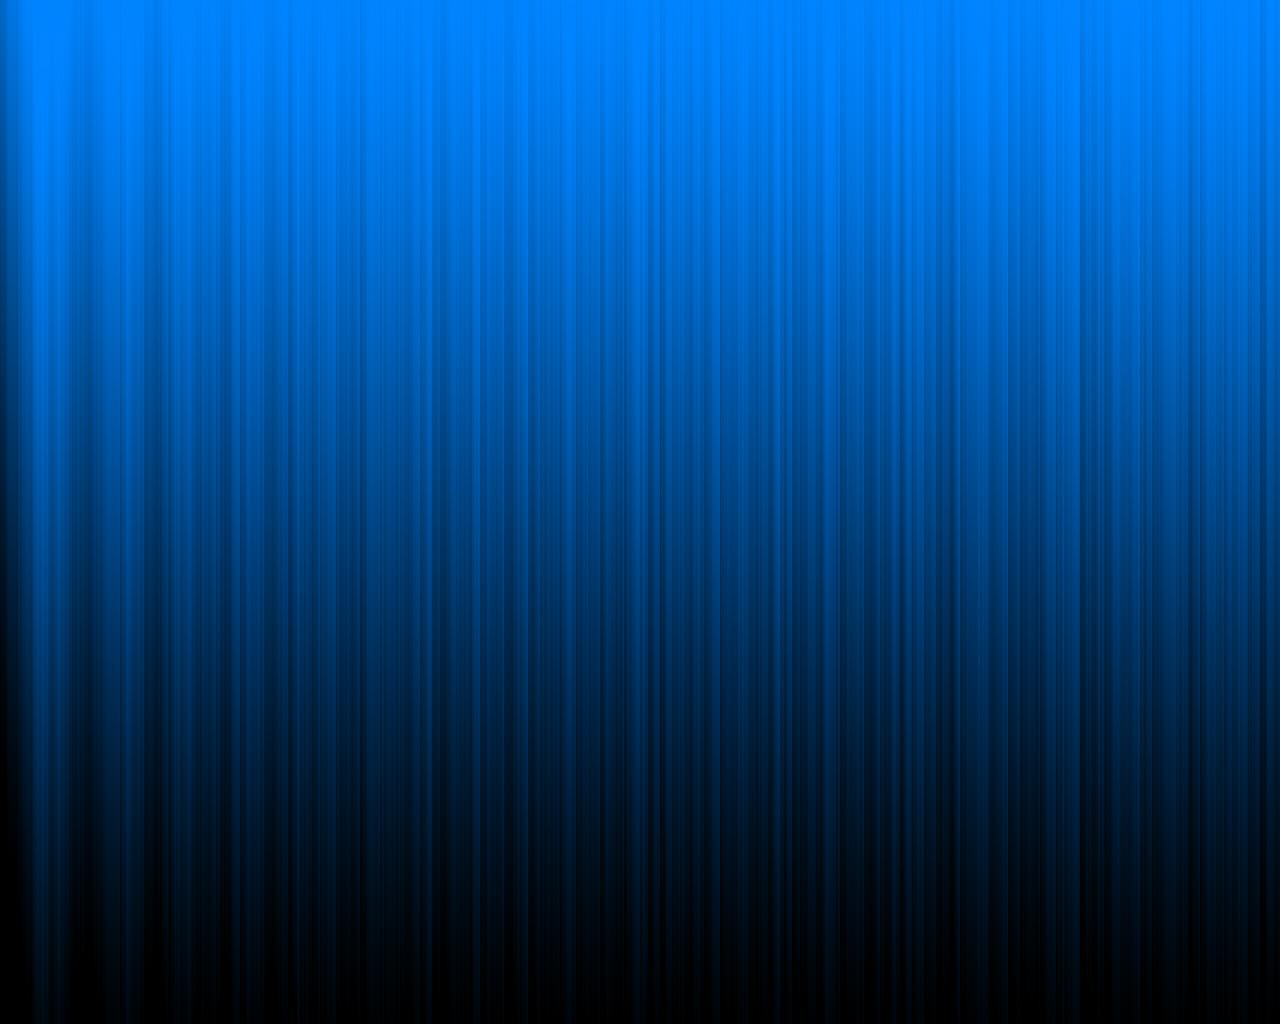 blue wallpaper blue wallpaper designs cool blue wallpapers light blue 1280x1024